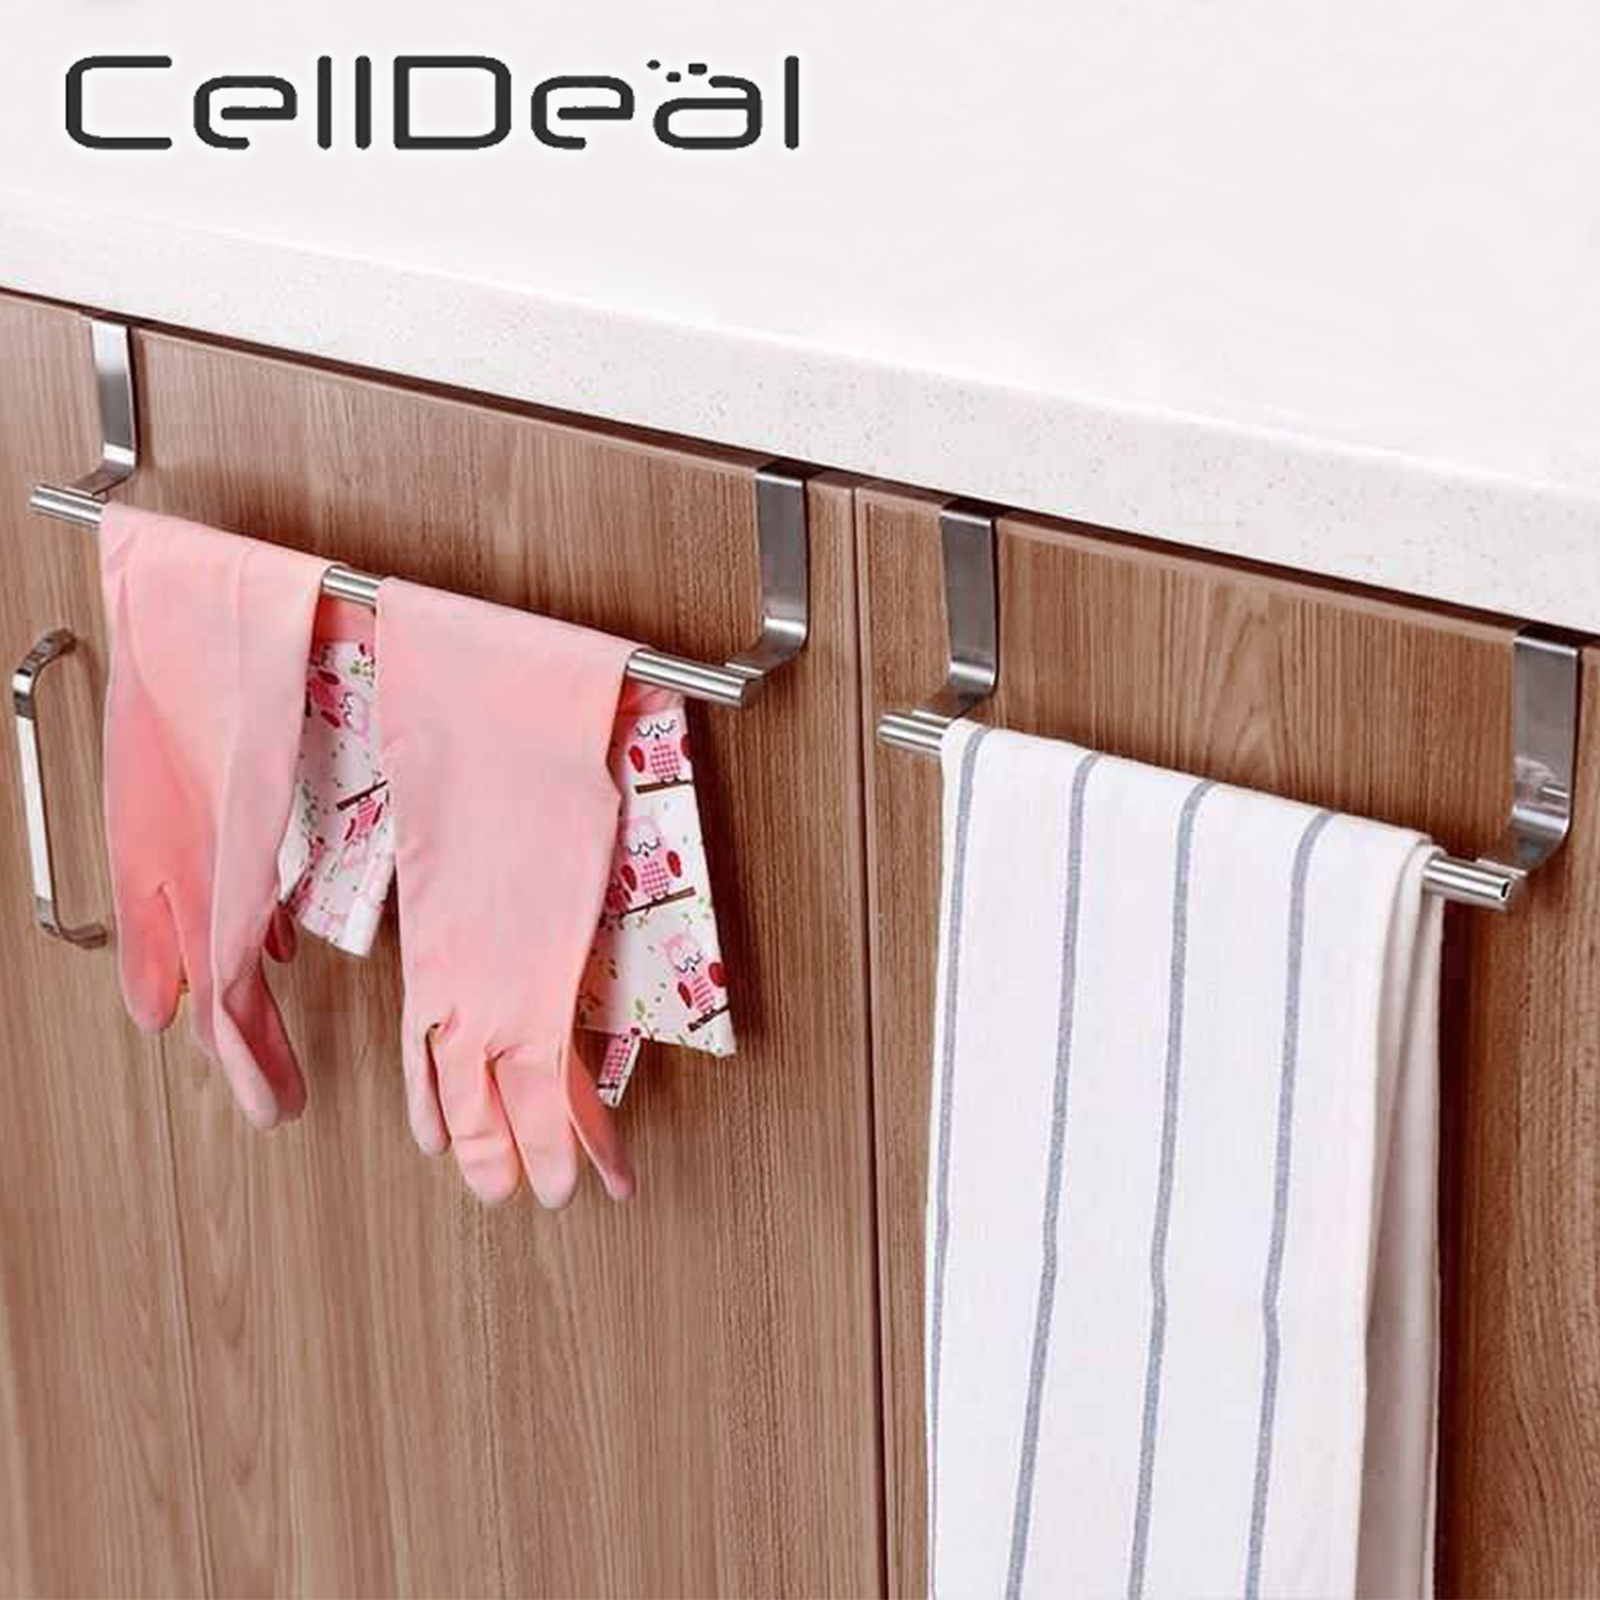 CellDeal Stainless Steel Bathroom Organizer Towel Racks Over Door Towel Rack Hanging Holder Bathroom Kitchen Cabinet Shelf Rack